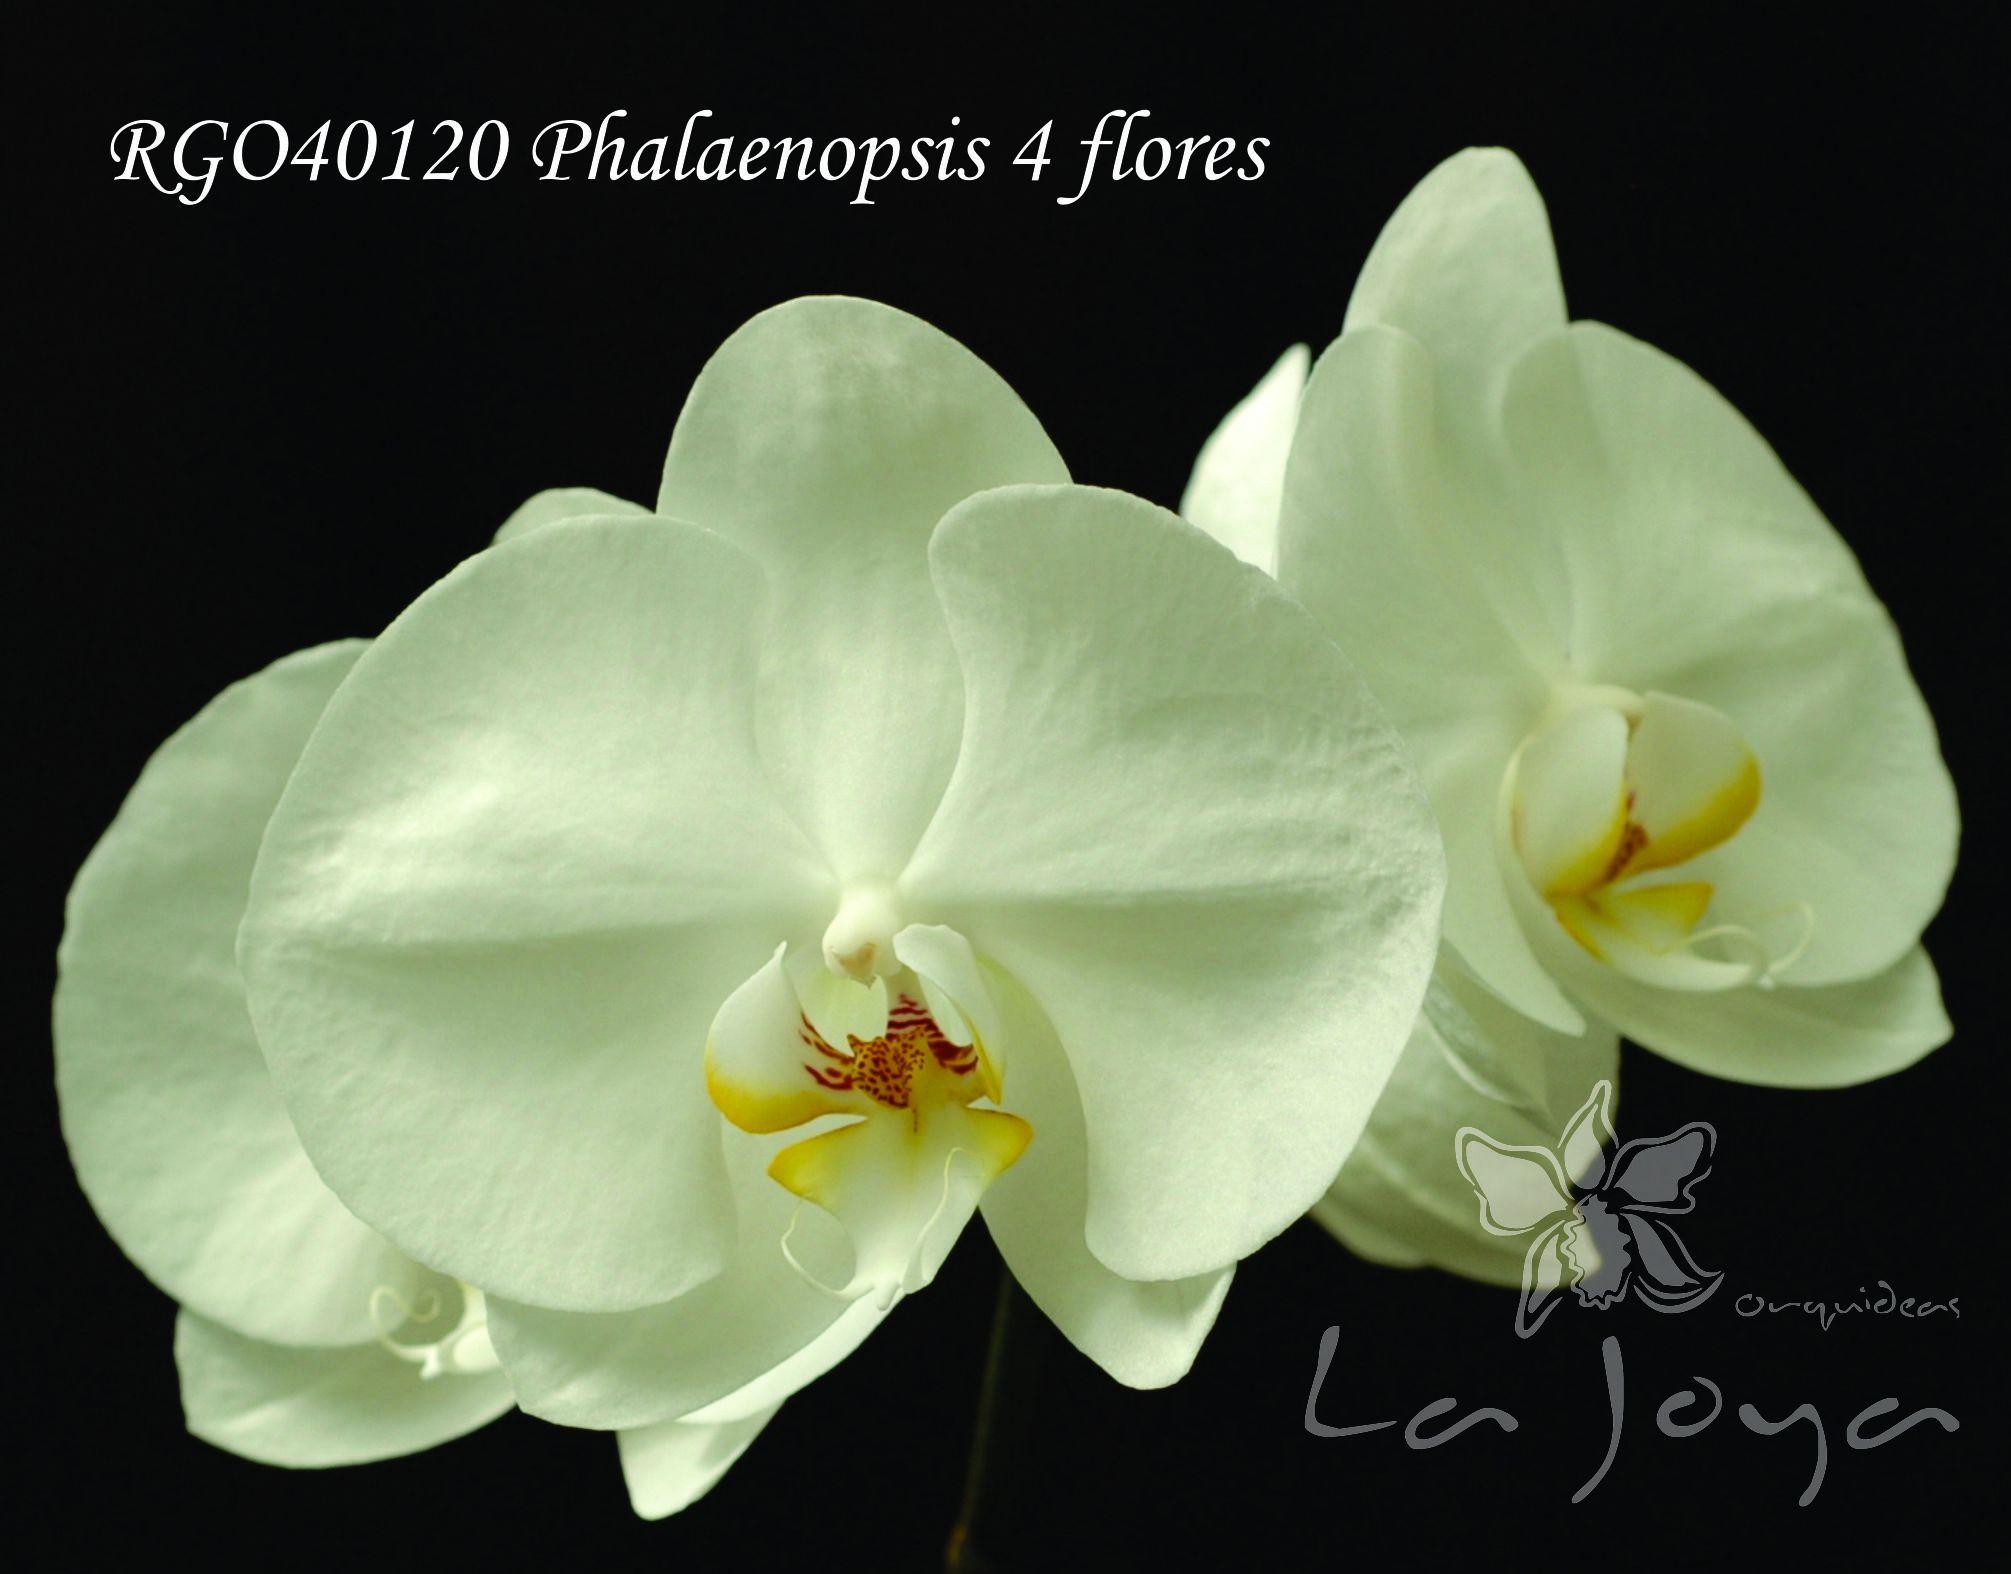 Phal RG040120 con 4 flores